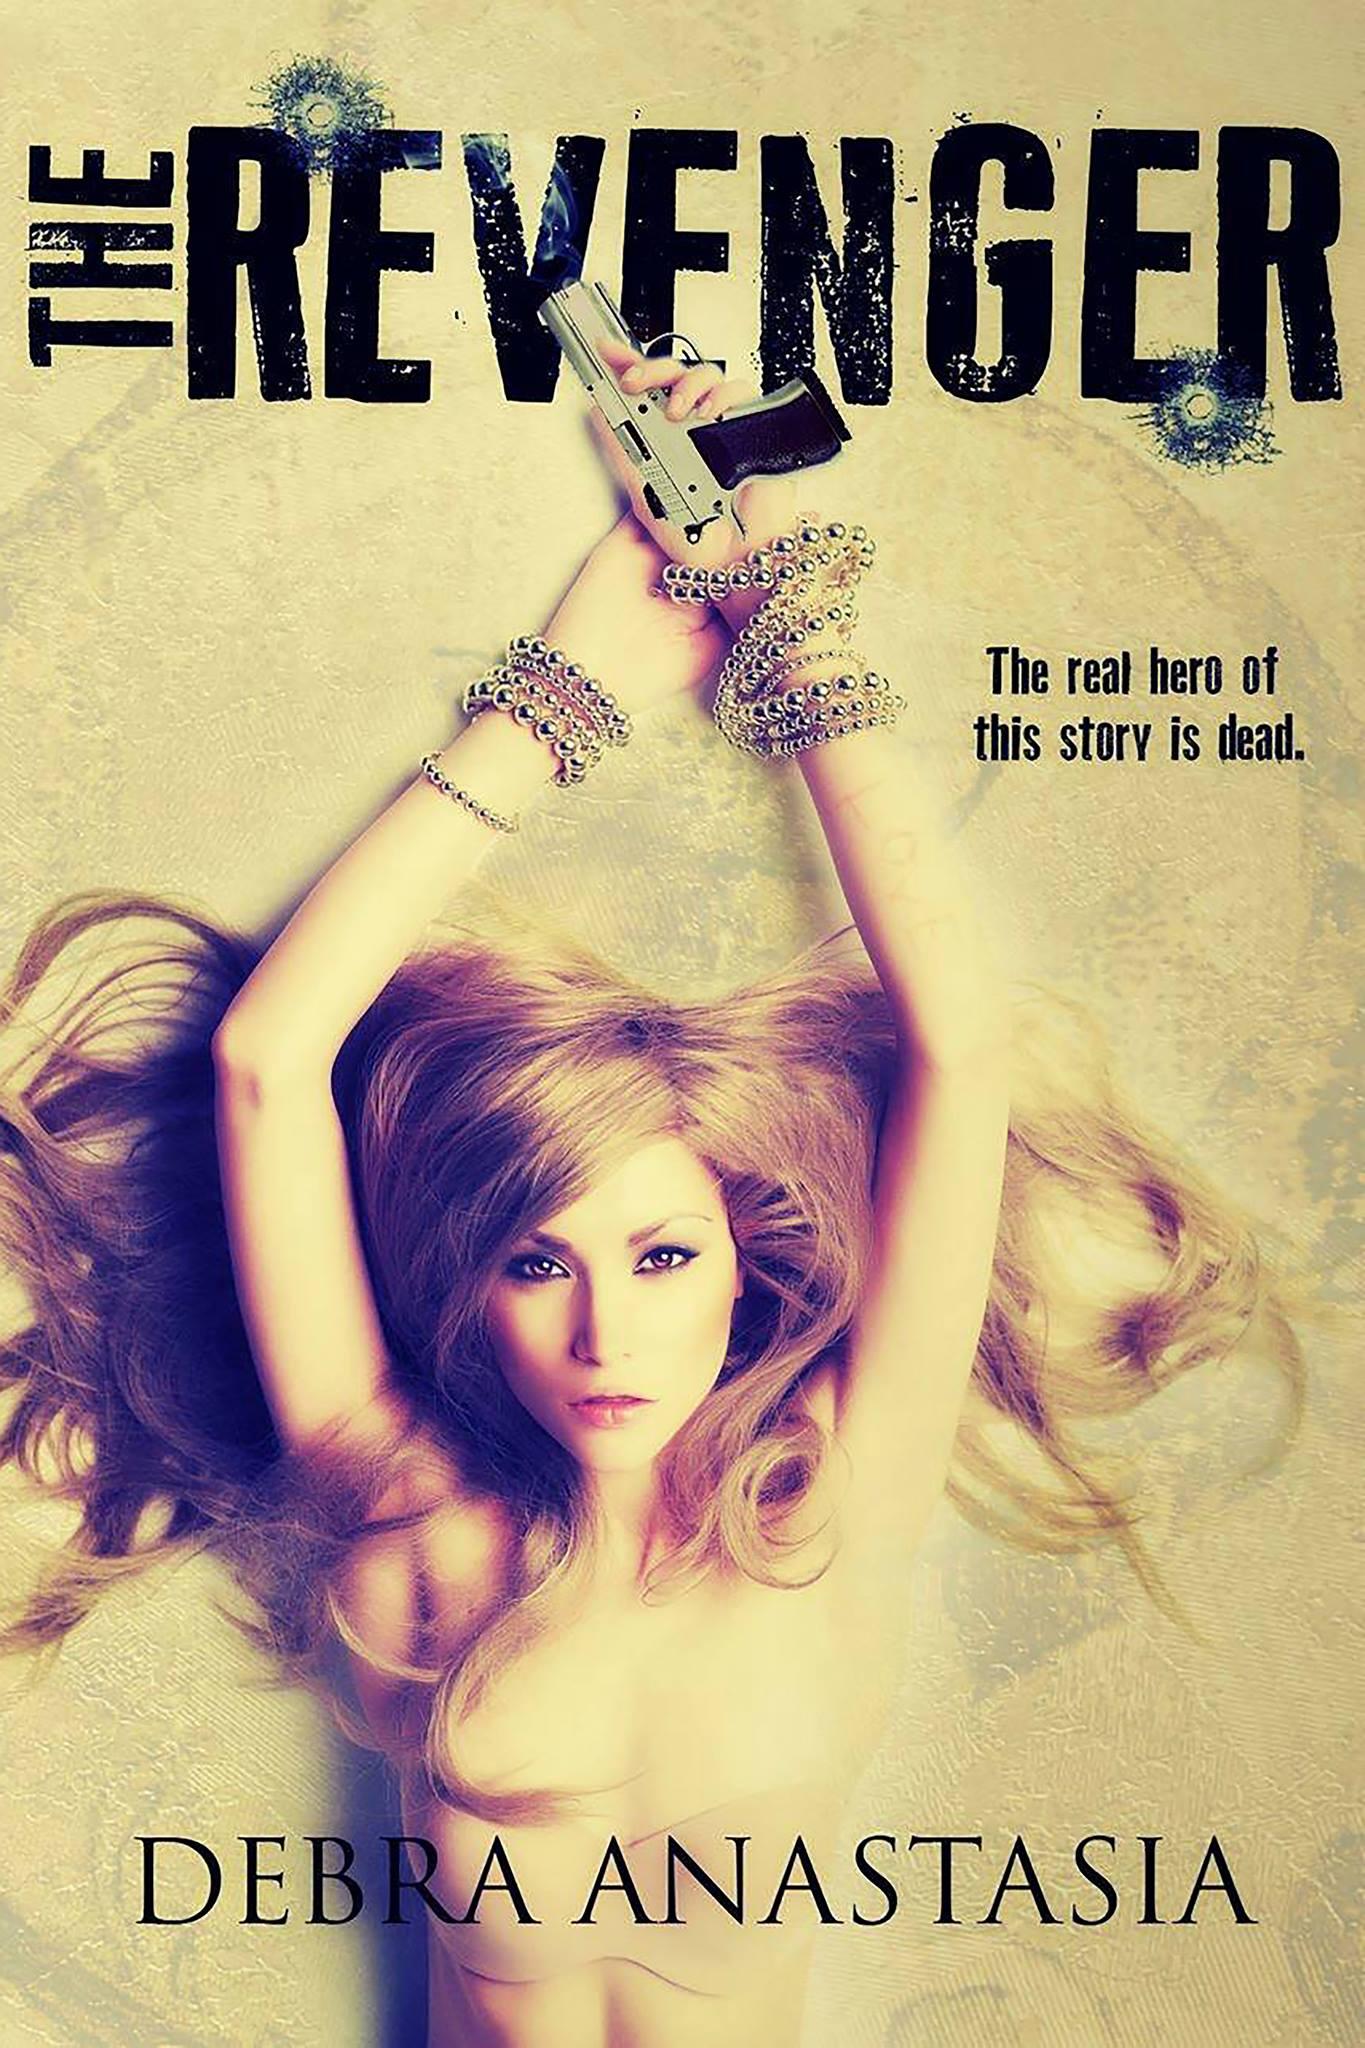 Digital Cover for The Revenger Wonderful 12696366_1708286026061308_1687936792_o